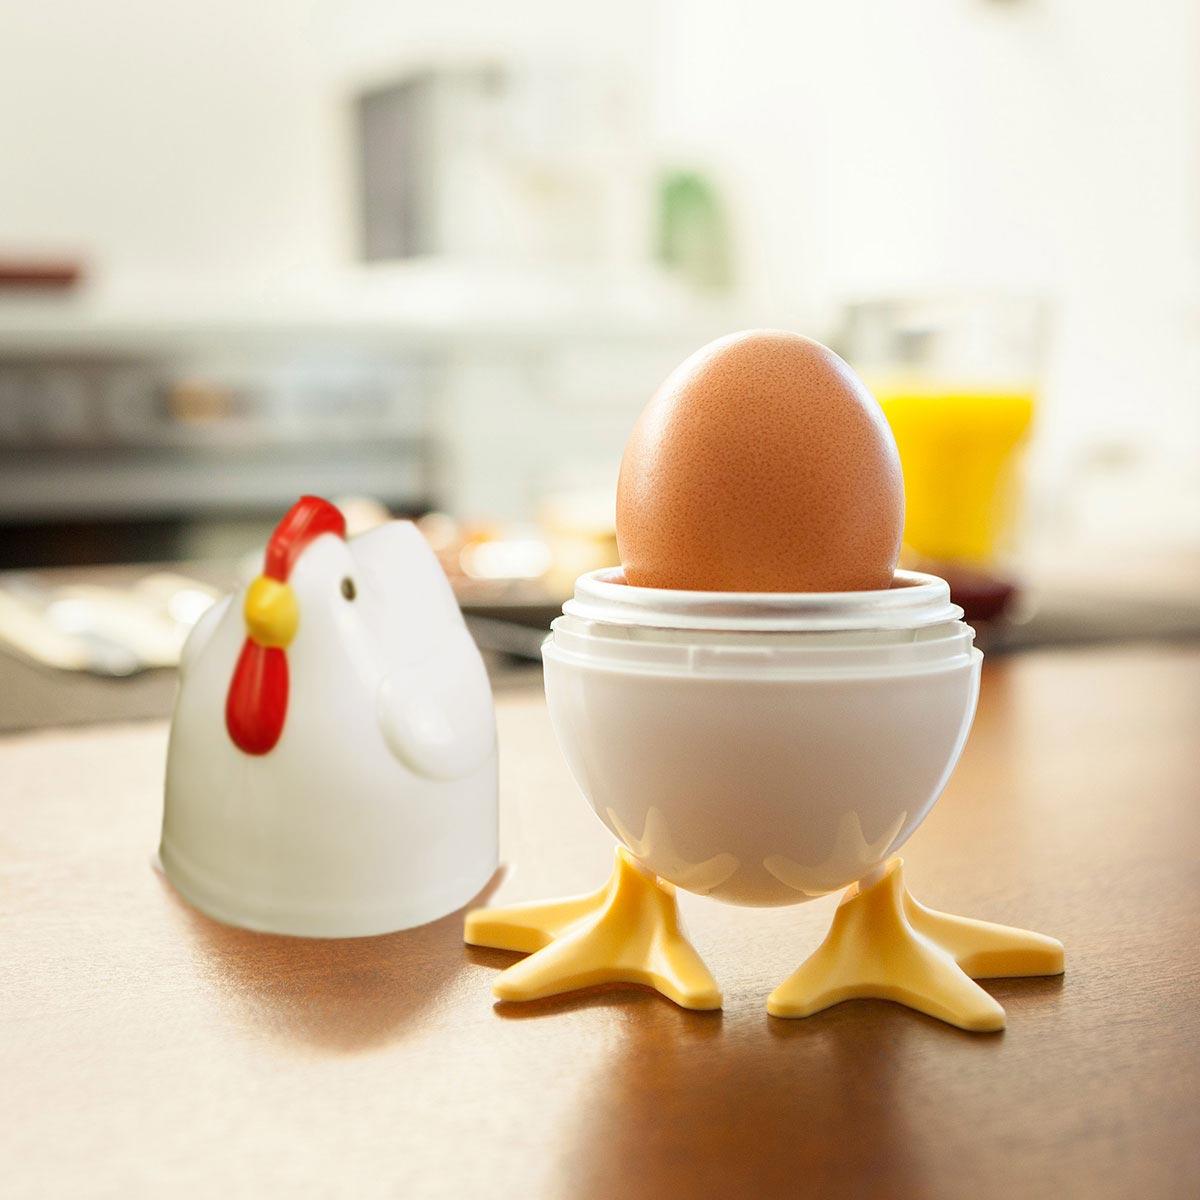 Cuoci Uova Da Micro Onde Boiley